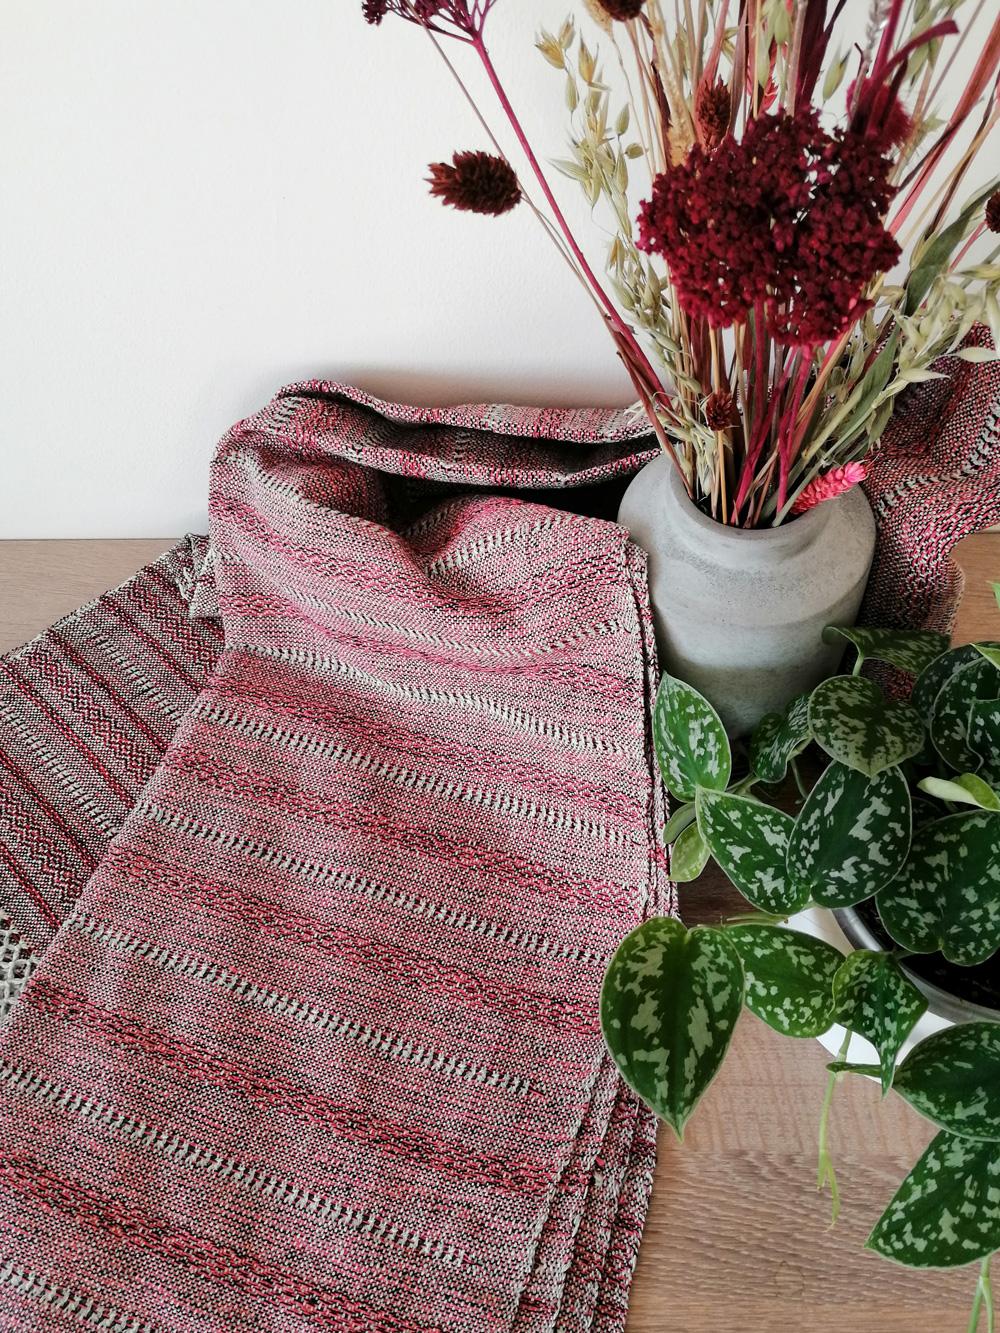 Rebozo Torklæde Amaya Red Stripes Vikle og Rebozo massage